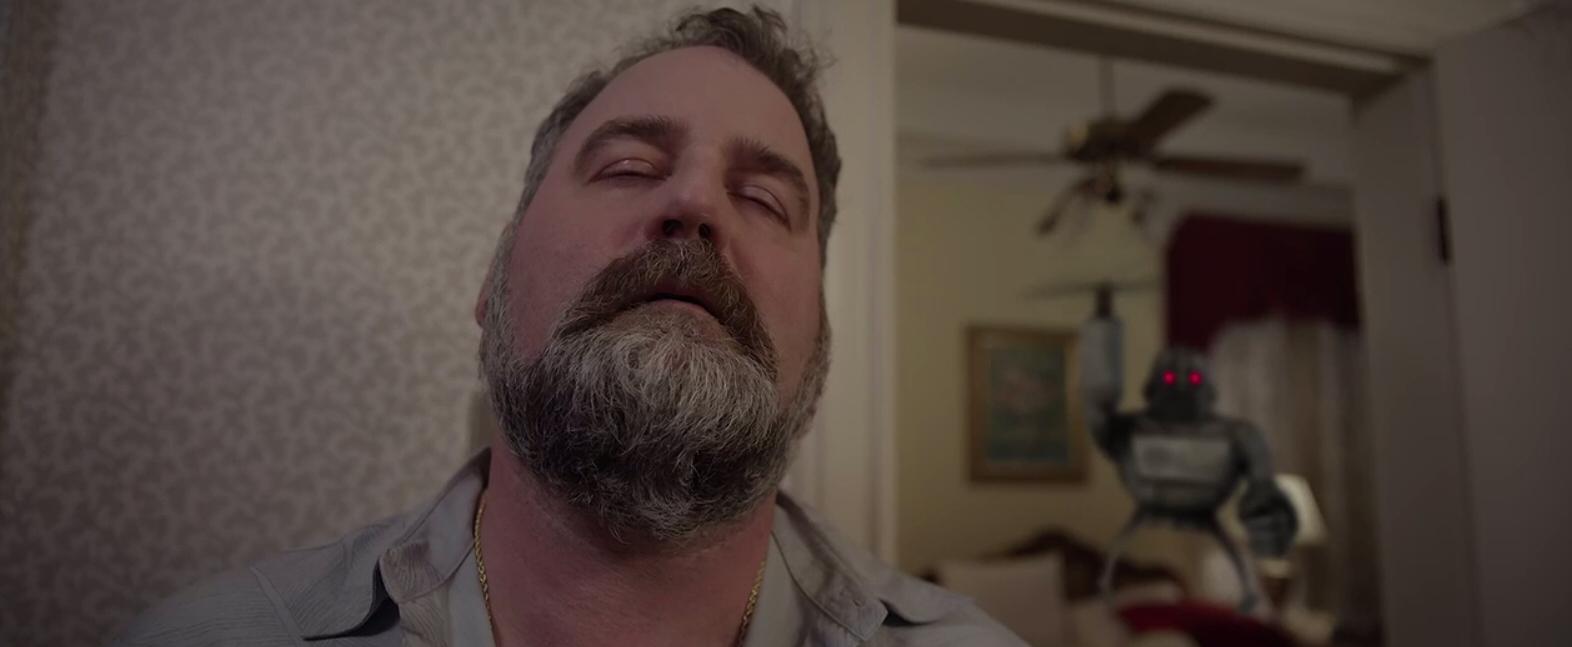 John D. Pszyk in Puppet Master: The Littlest Reich (2018)